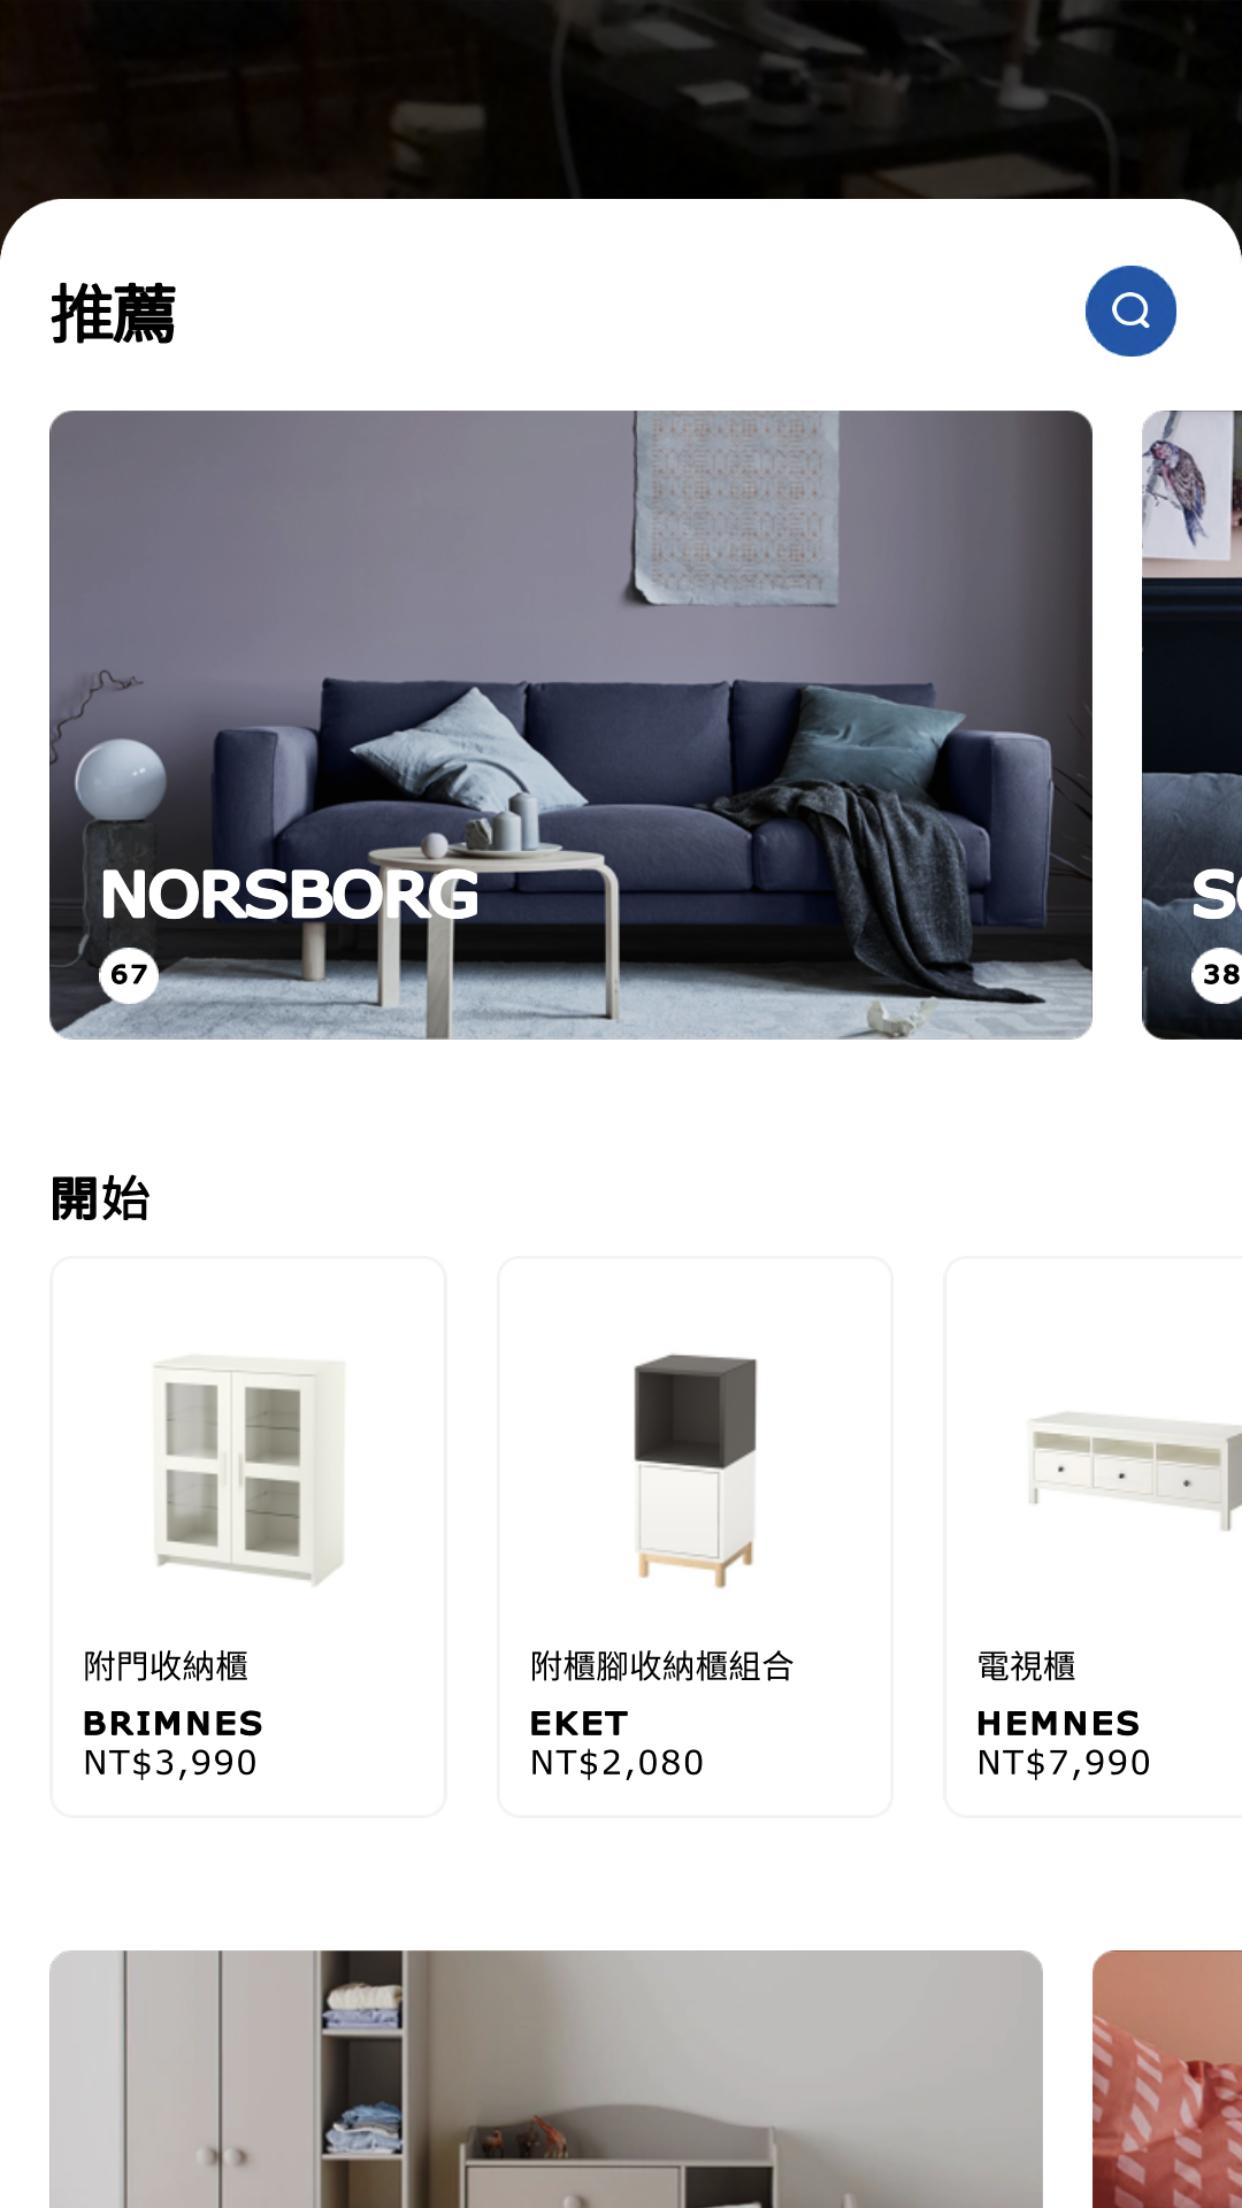 Ikea AR 軟體